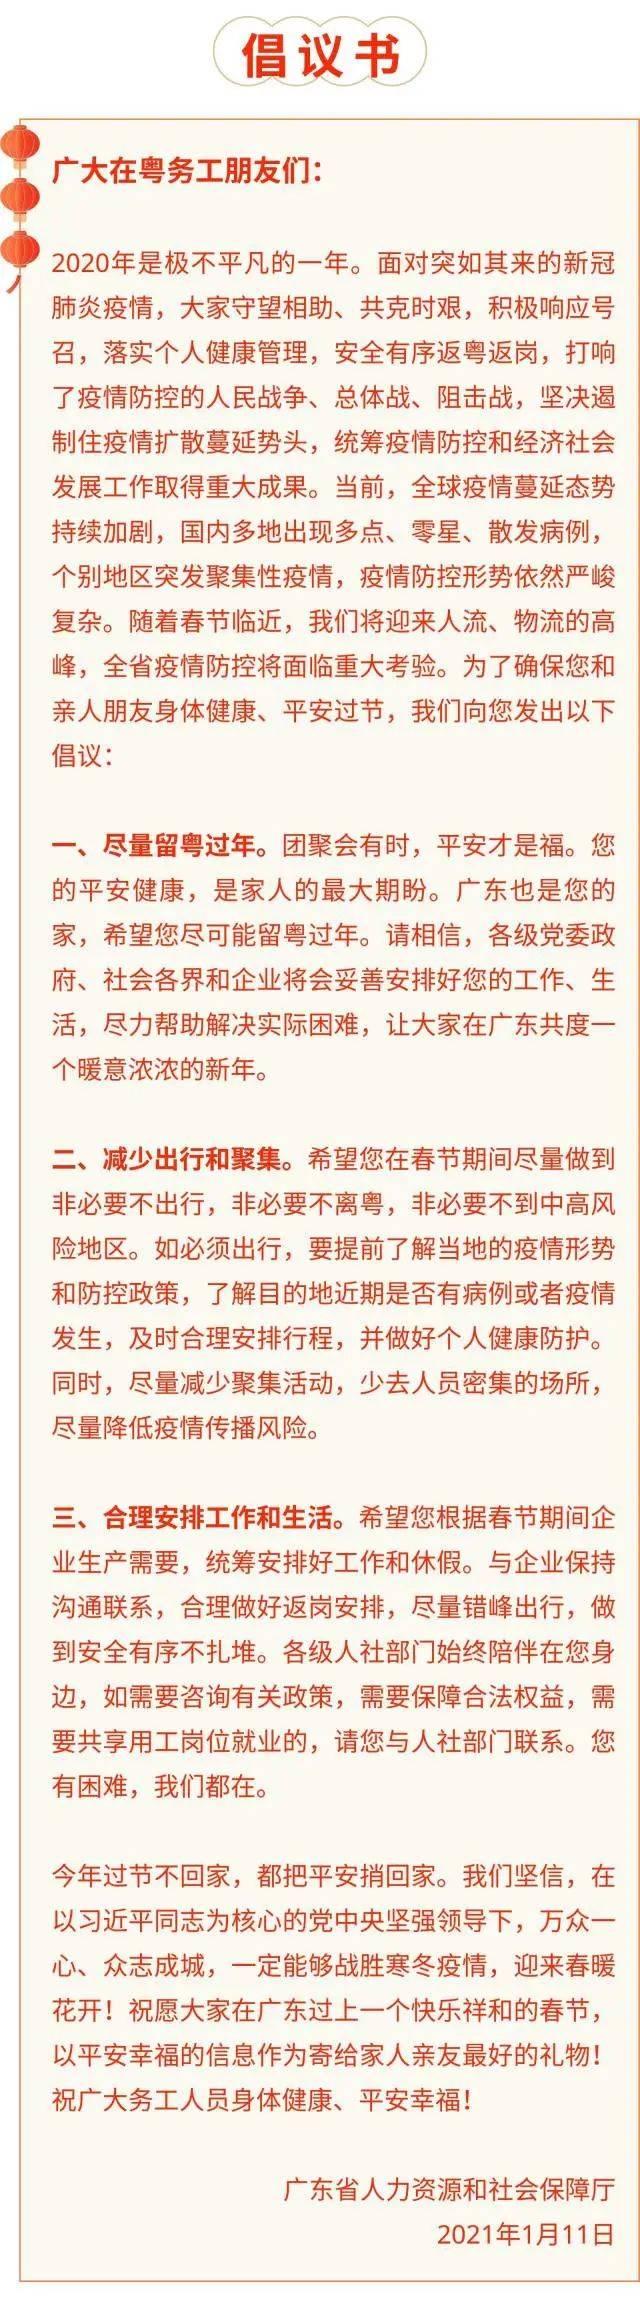 广东省人社厅向在粤务工人员发出倡议:尽量留粤过年